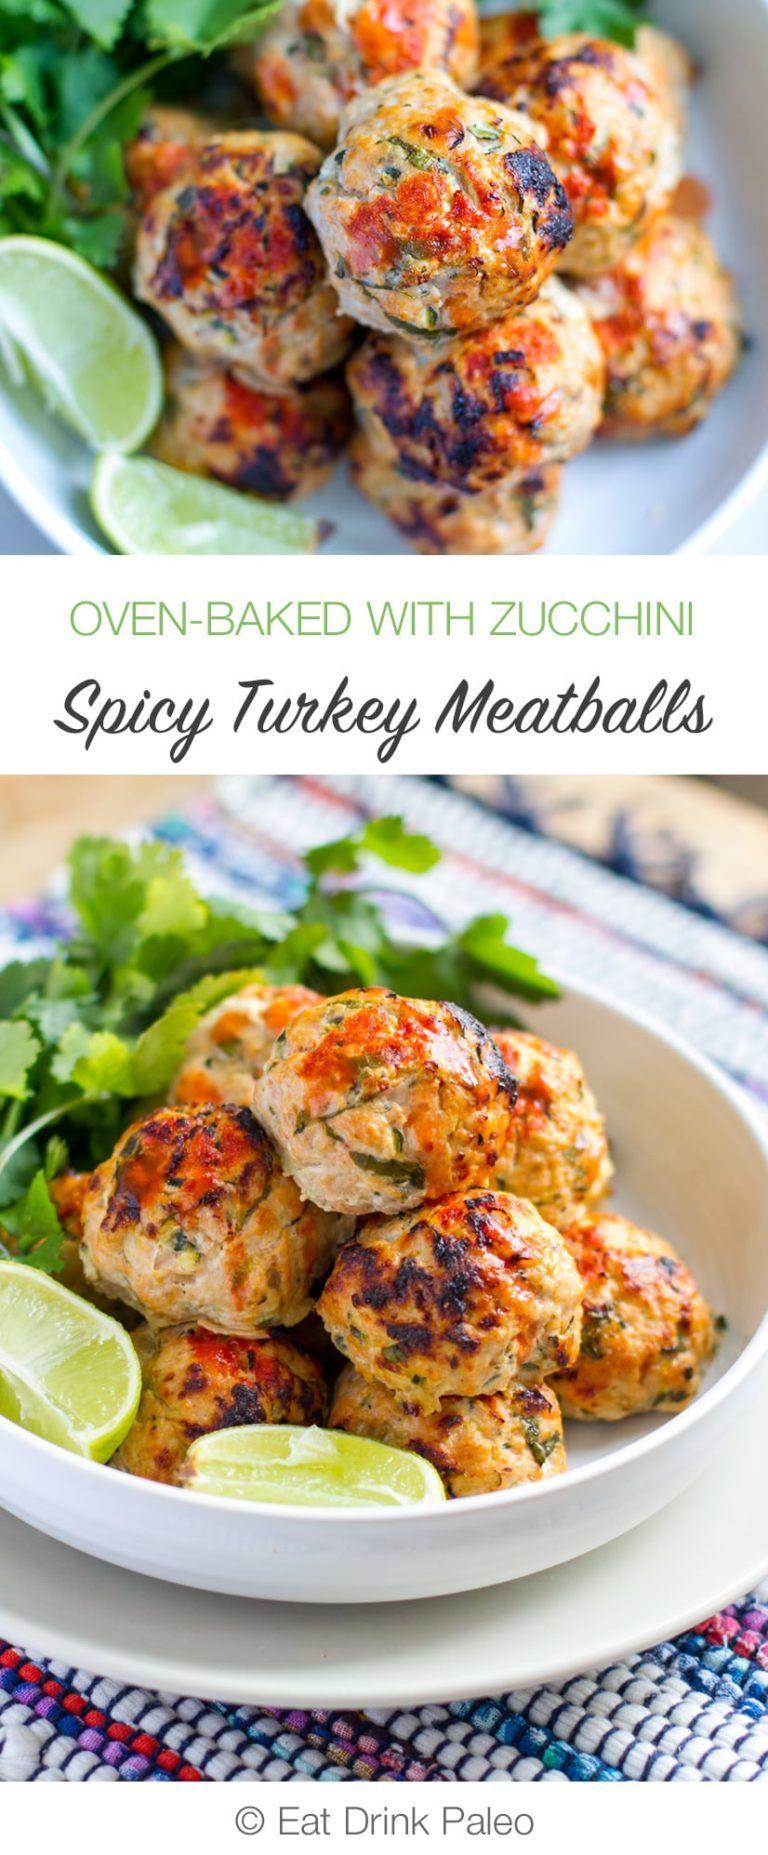 Spicy Turkey Meatballs With Zucchini (Paleo, Keto ...